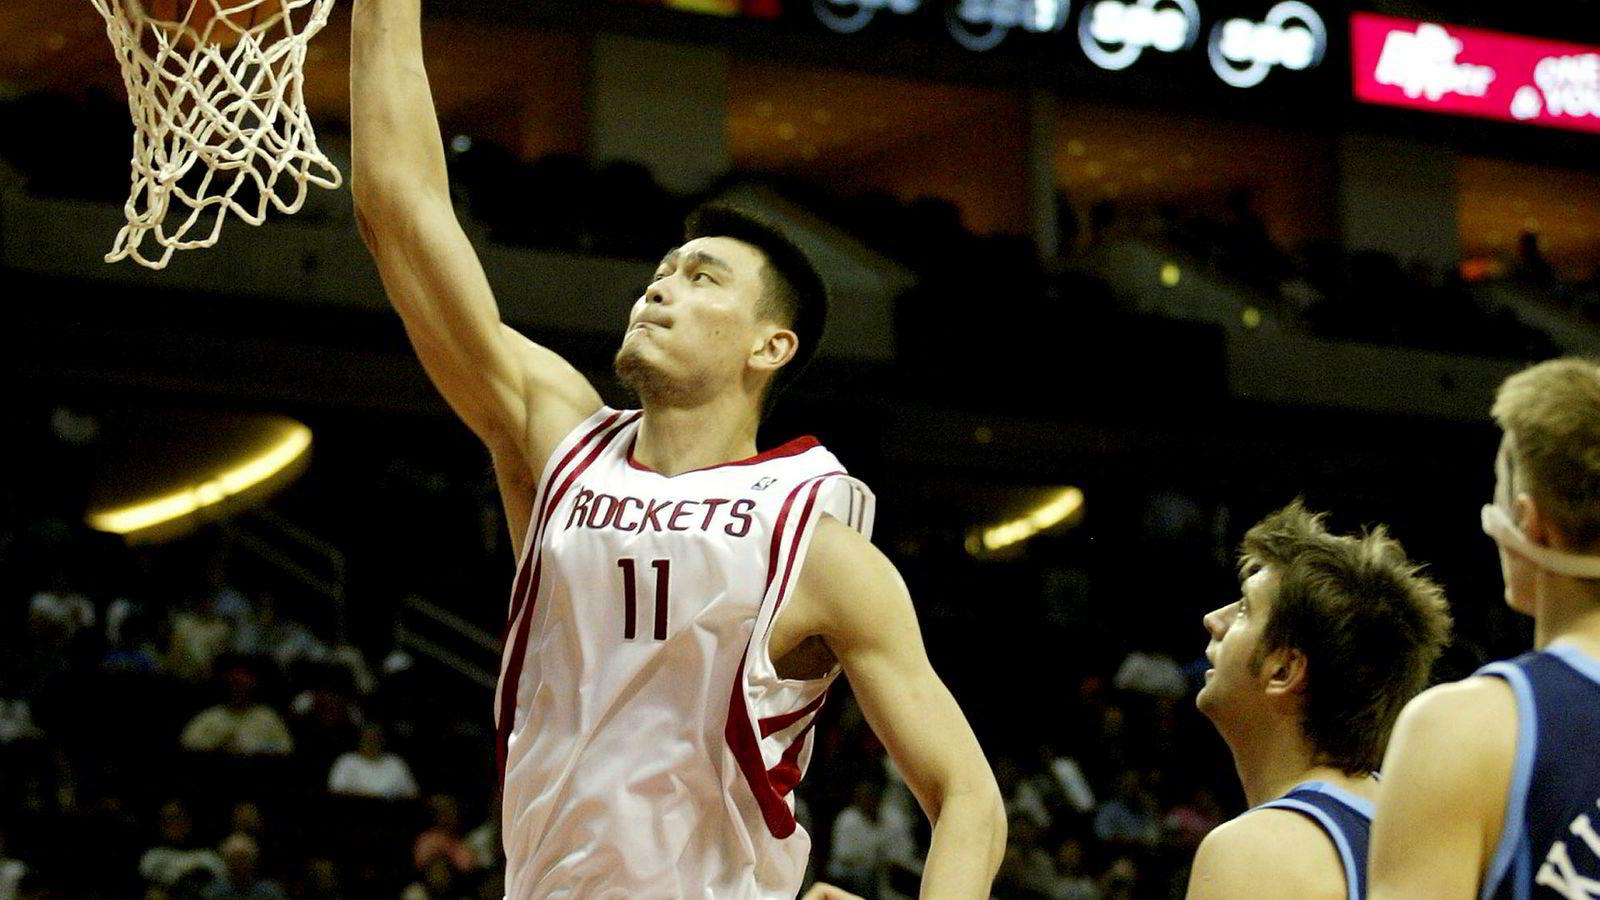 Yao Ming spilte mange sesonger for Houston Rockets i den amerikanske basketligaen NBA. Her dunker han ballen i kurven i et oppgjør mot Utah Jazz i 2005.